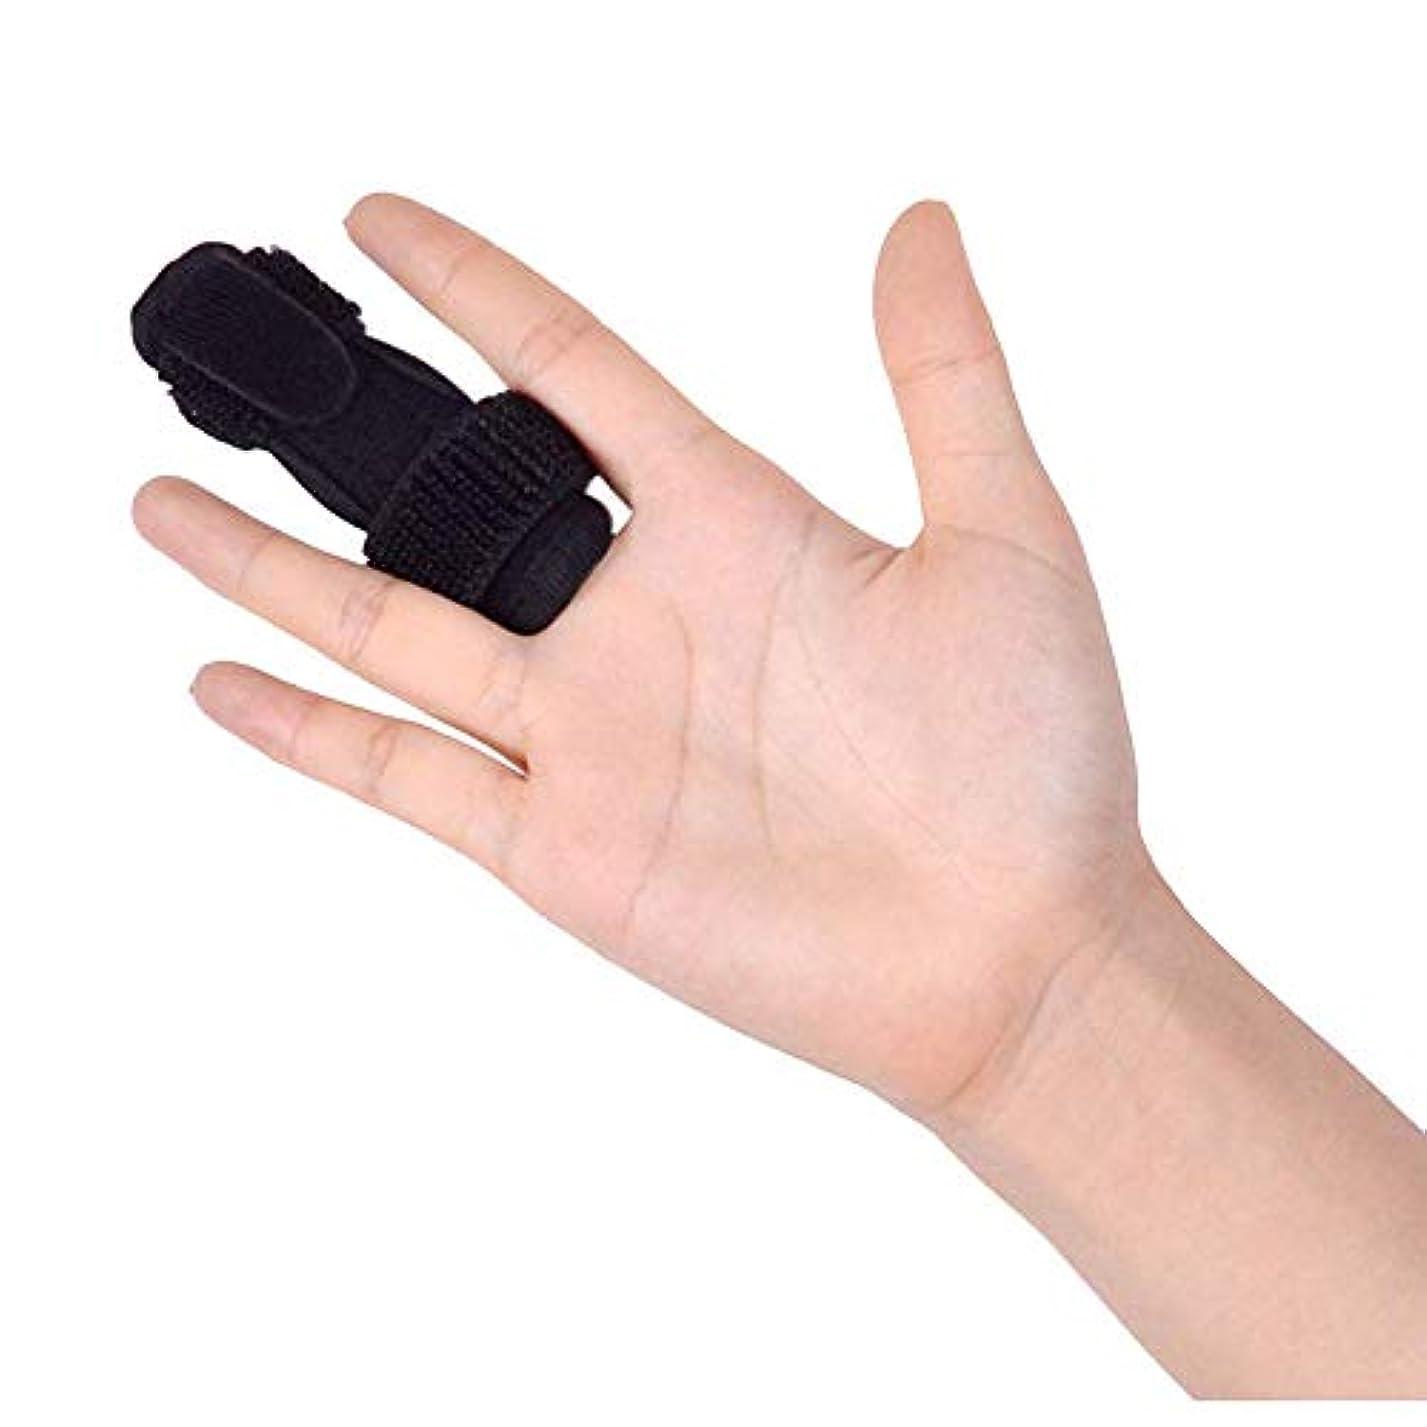 これら真珠のような不明瞭指サポーター 指保護 ばね指サポーター 腱鞘炎 調整自在 気性良好 左右兼用 ブラック